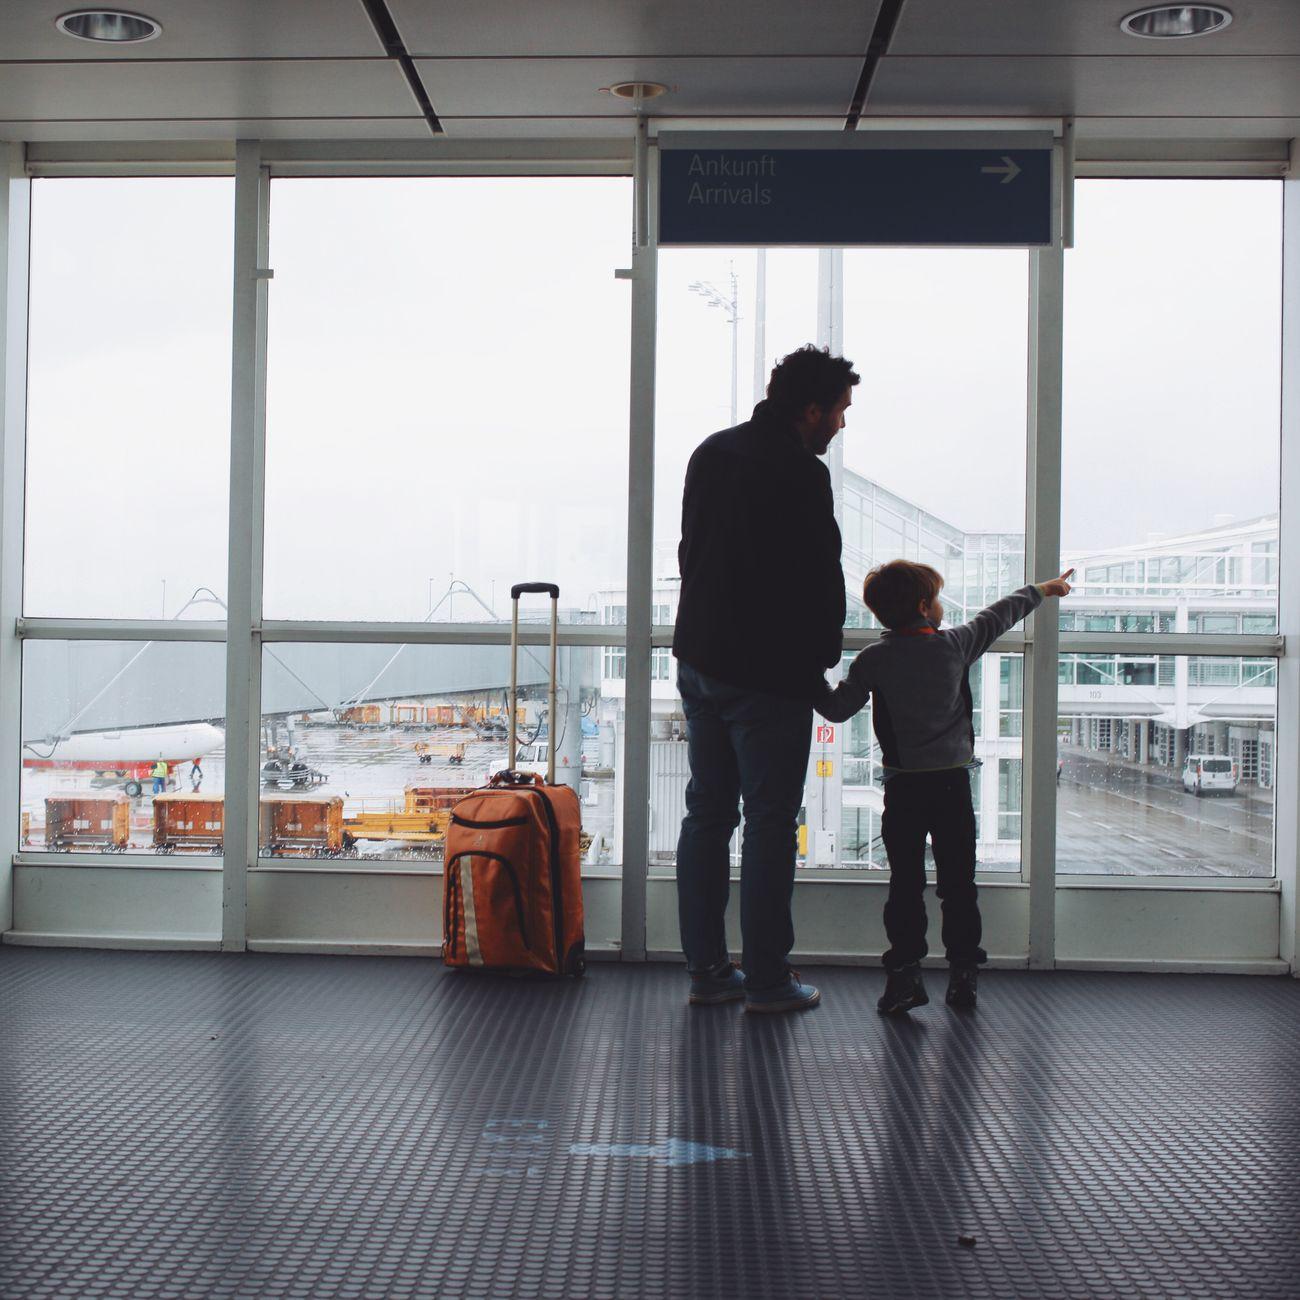 Sein erster Flug. Flughafen Airport Father & Son Vater & Sohn Berlin München Munich My Best Photo 2015